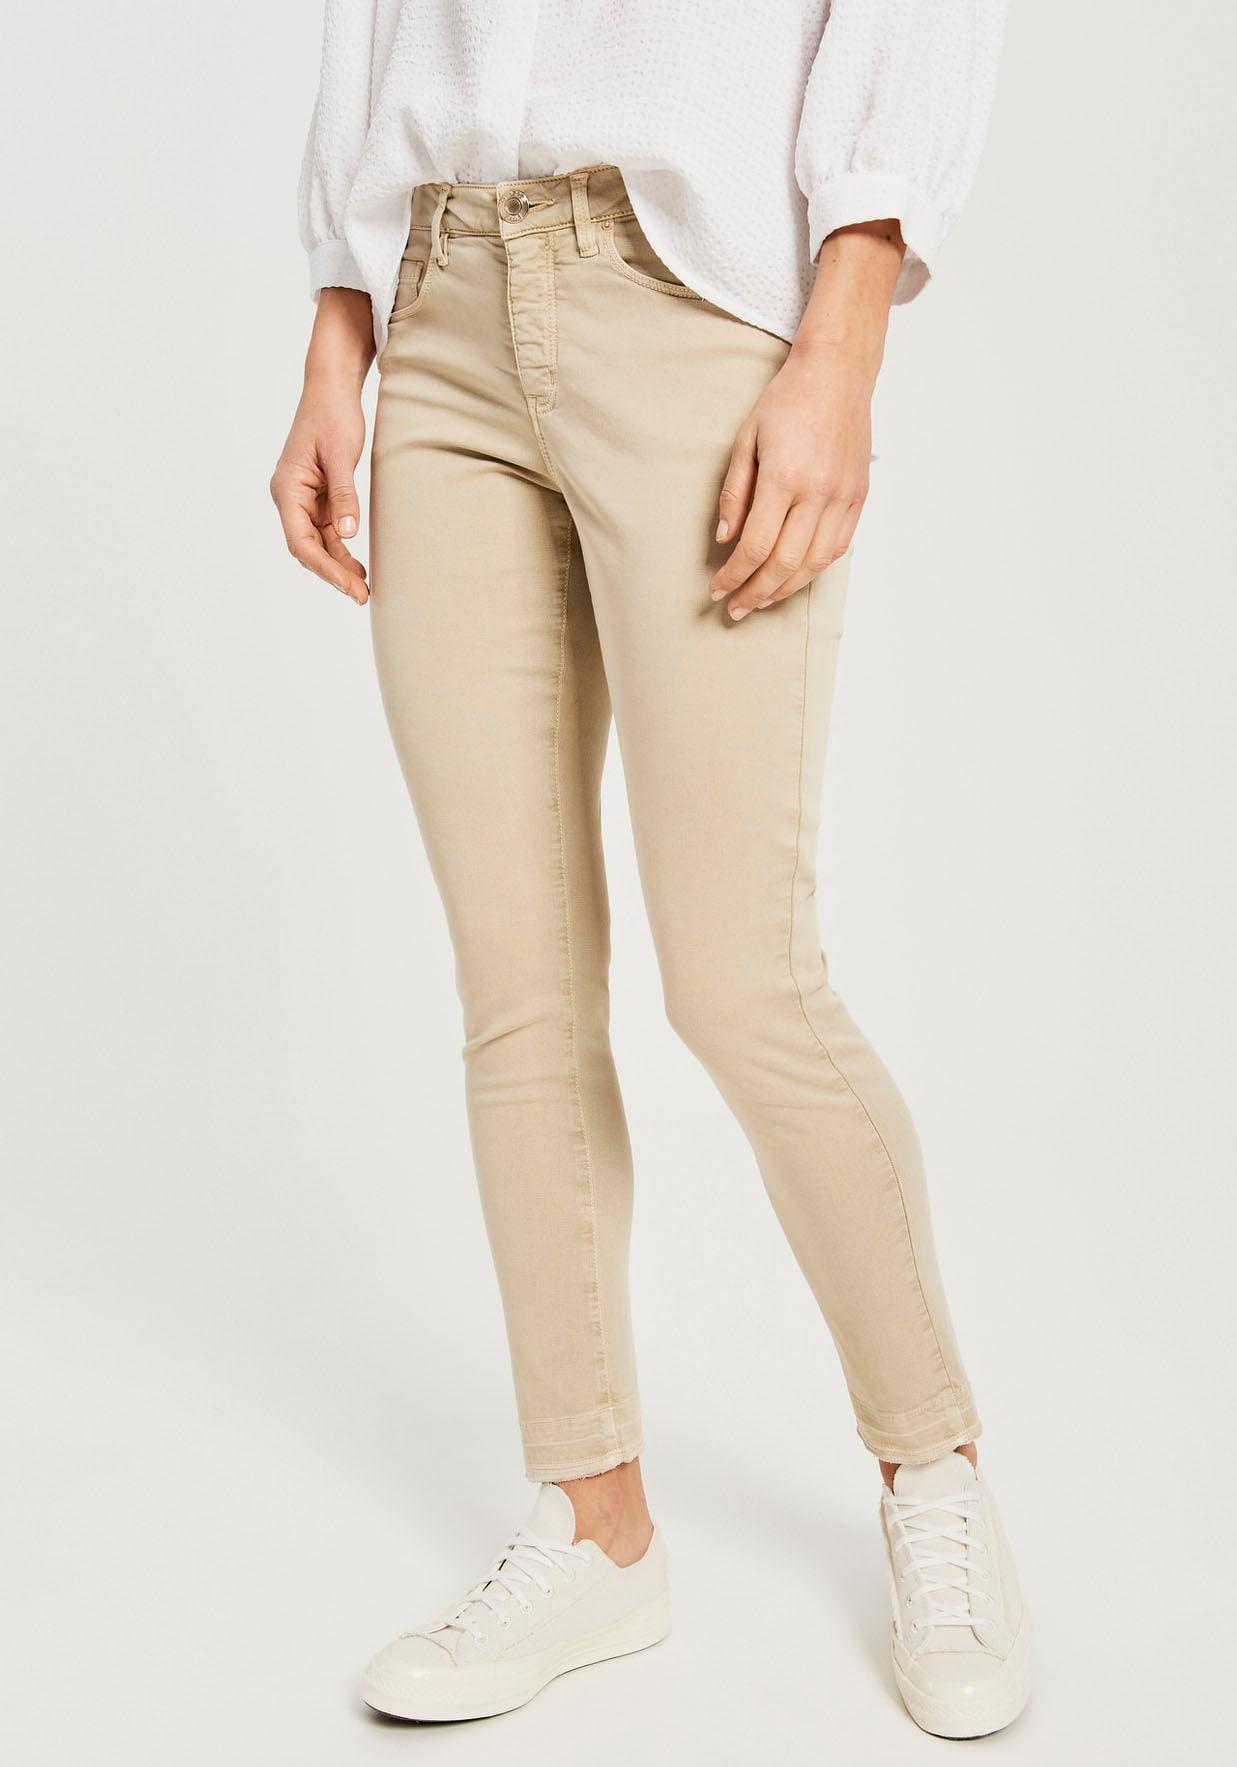 opus -  Skinny-fit-Jeans Elma shadow, in schöner Washed-Optik